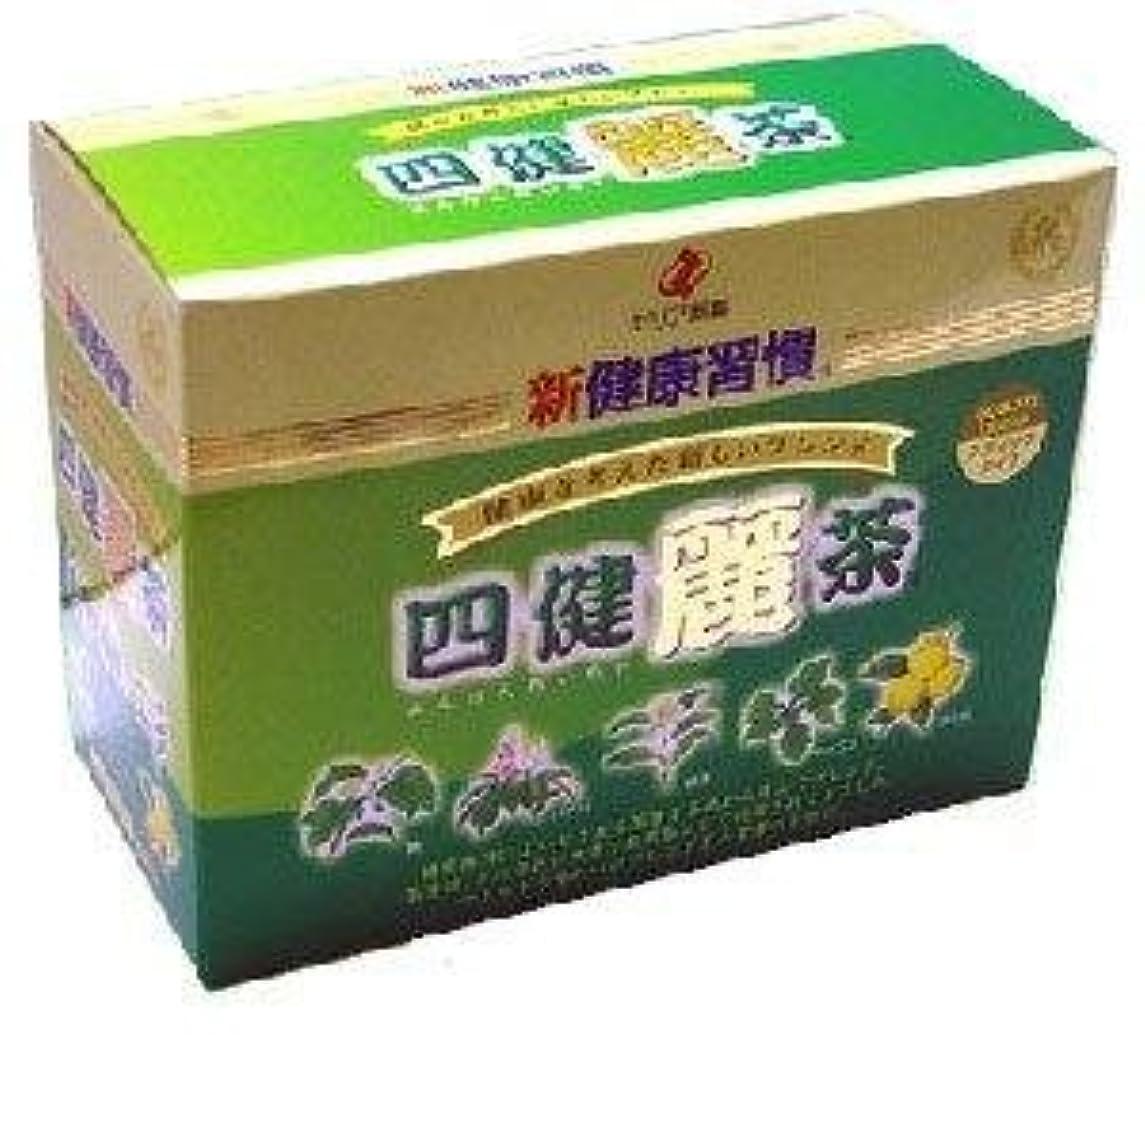 ポスターはげネット新健康習慣 四健麗茶 60袋 4個